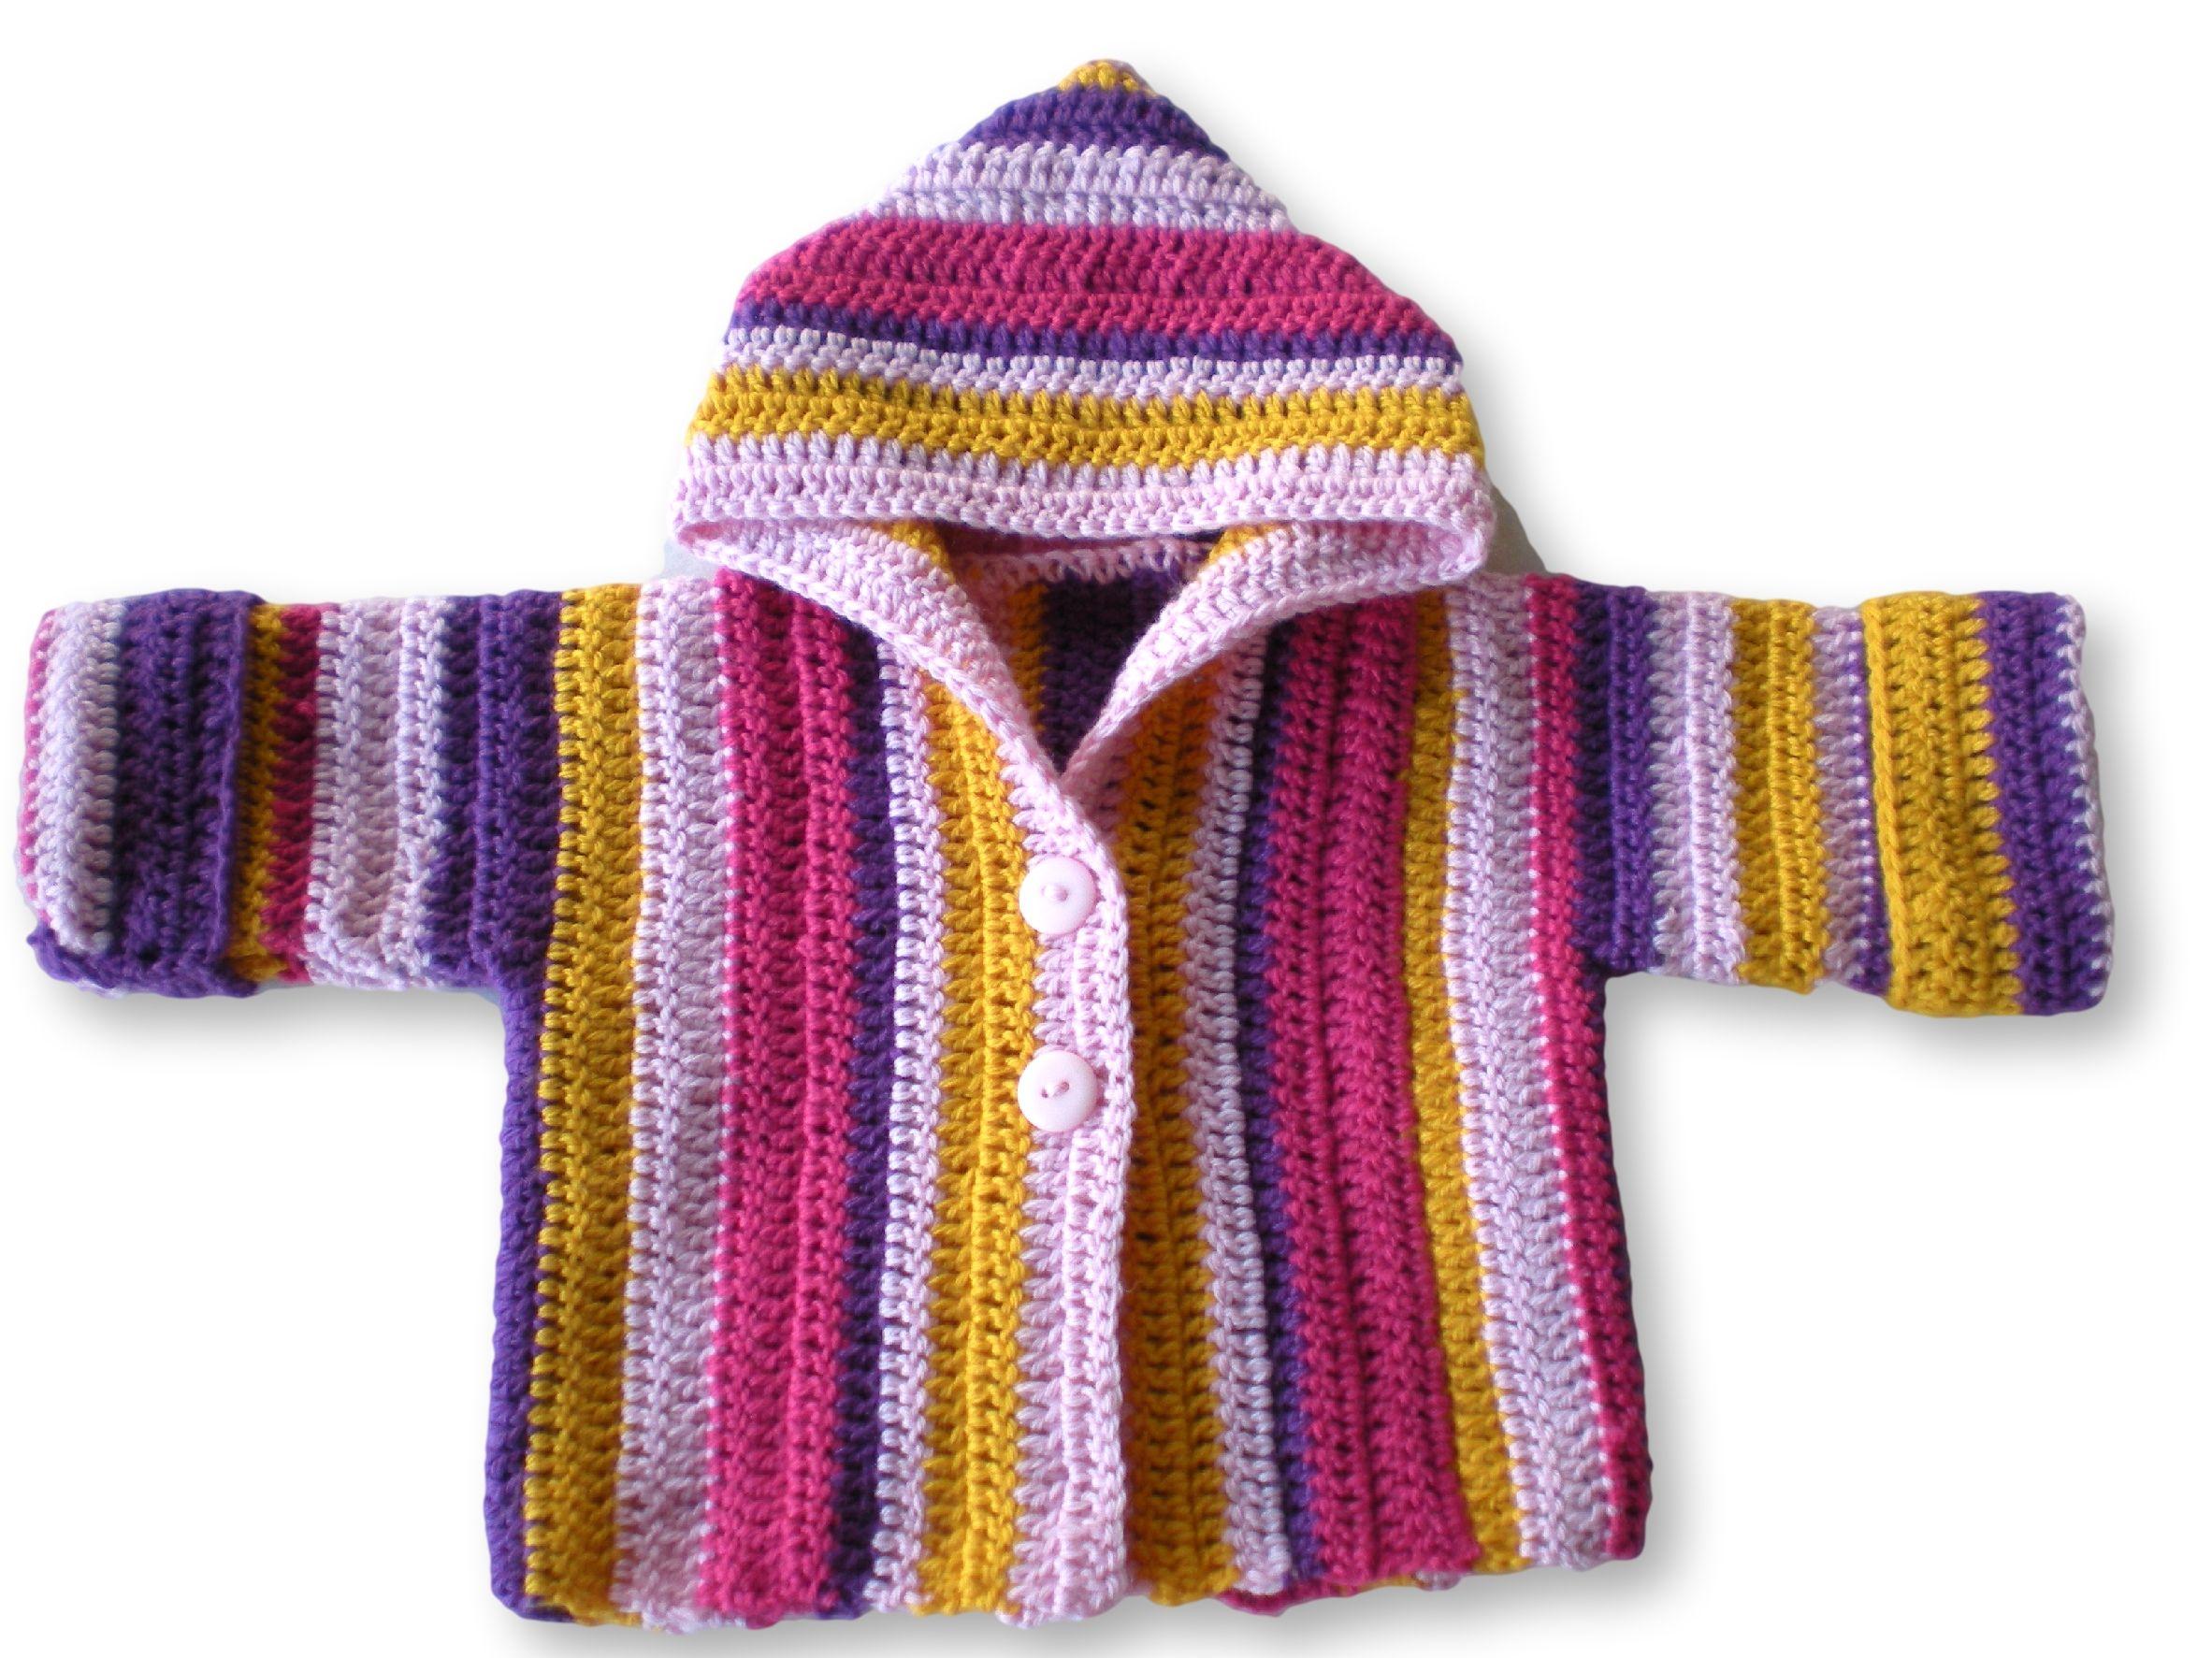 Babyjacke Häkelanleitung | Pinterest | Feste masche, Reichlich und ...